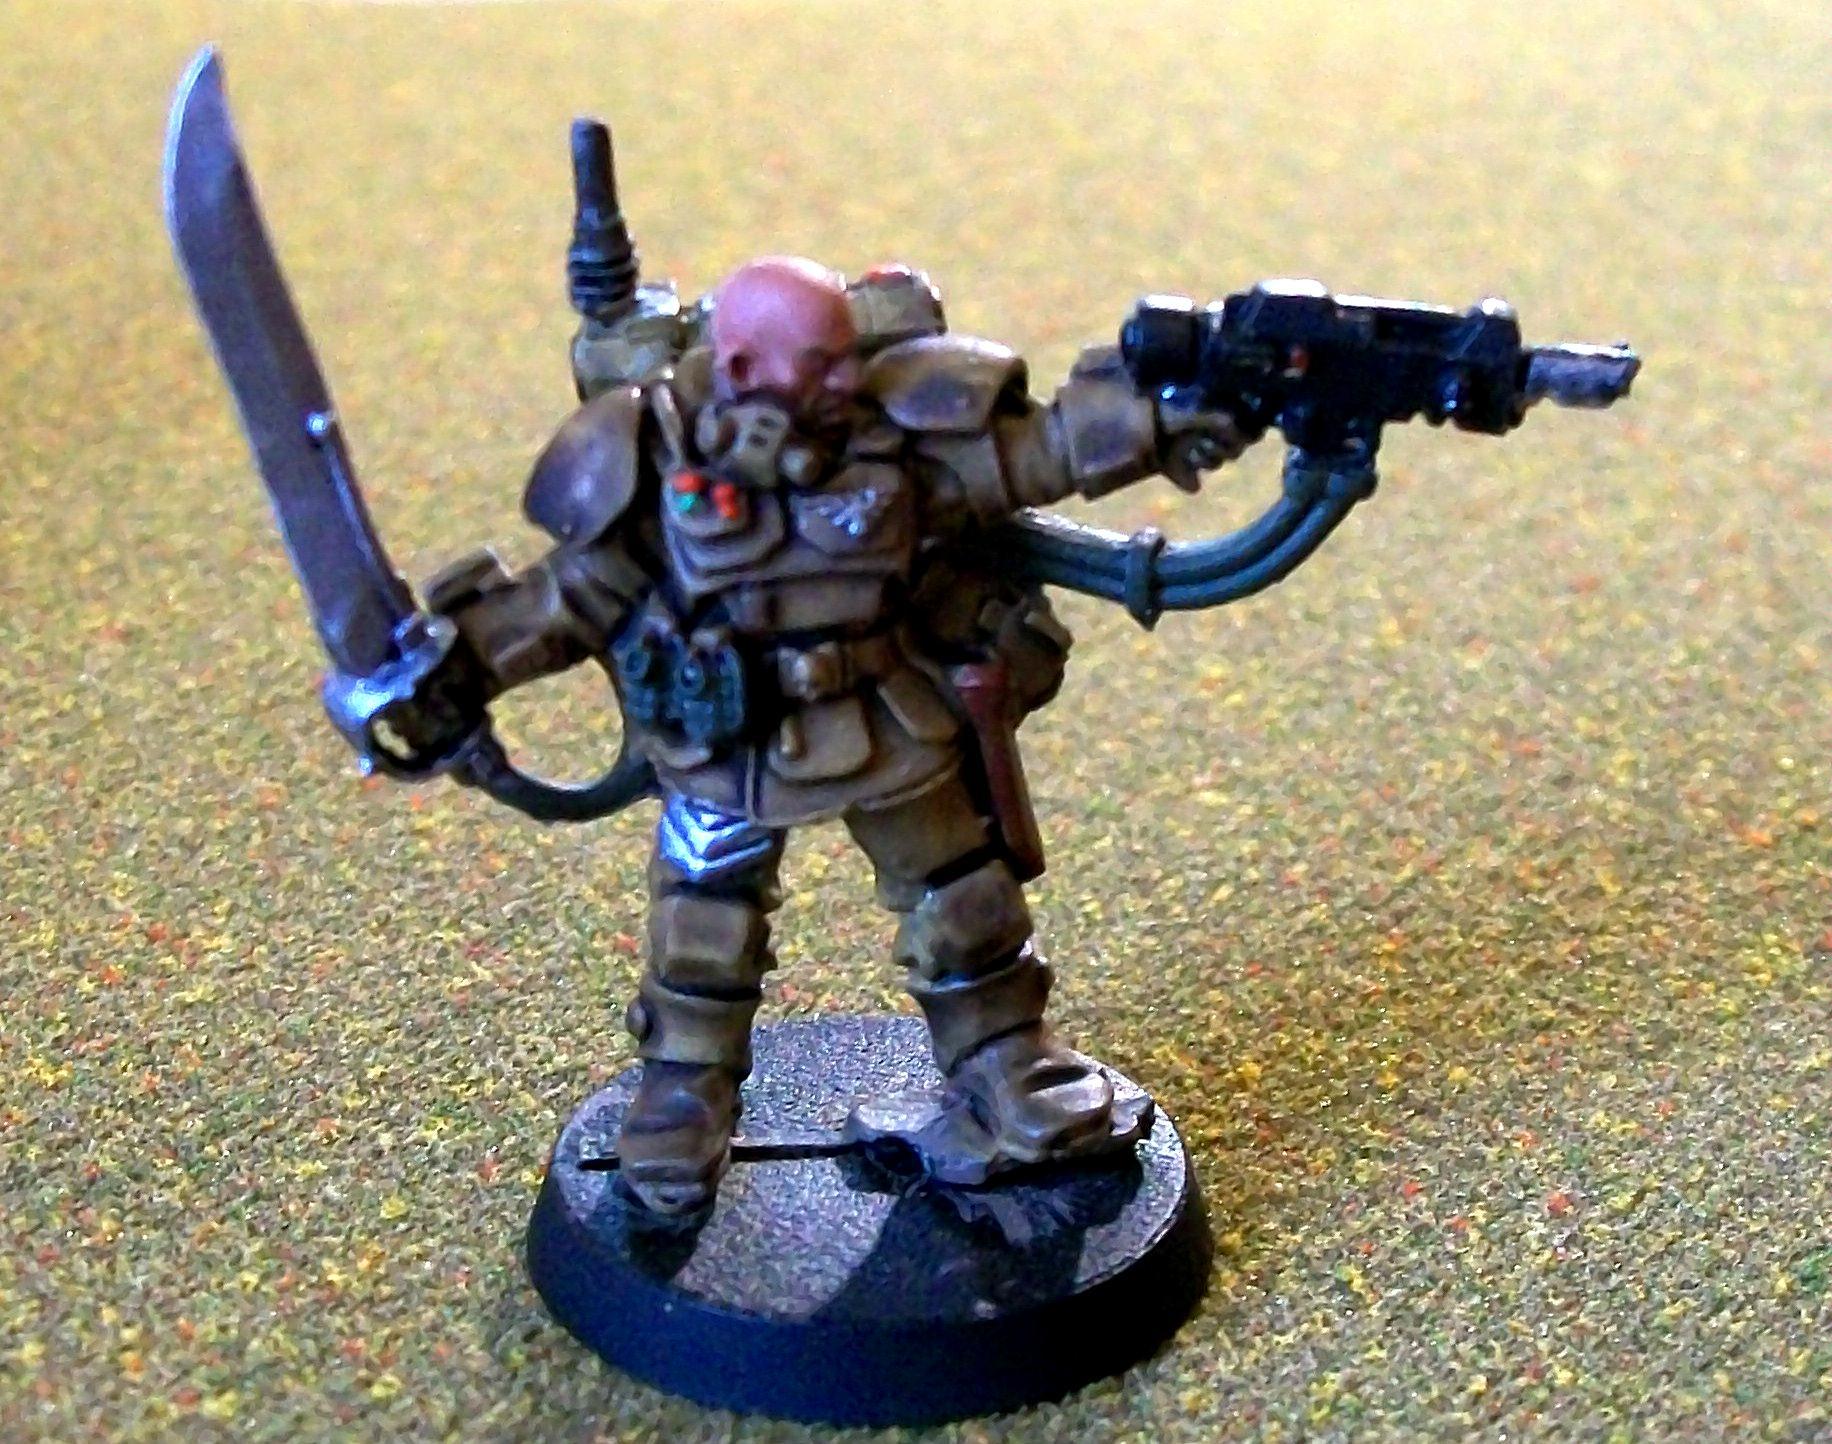 Astra Militarum, Guard, Imperial, Karskin, Pistol, Scion, Stormtrooper, Veteran